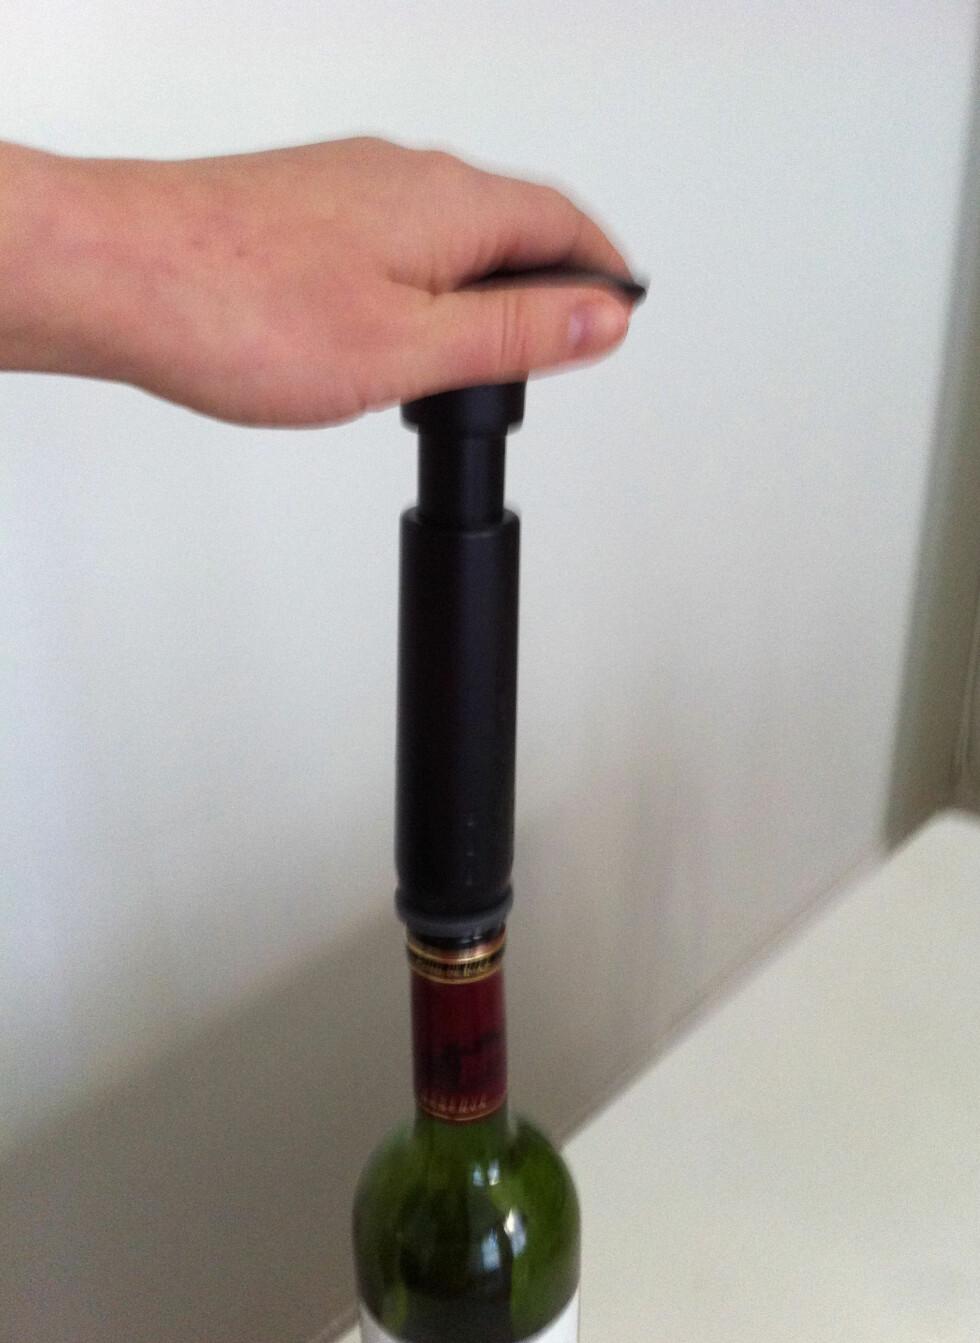 Vakuumpumpen er enkel i bruk: Trykk korken på plass, og så pumper du til det butter imot. (Du bør bruke to hender, en til å holde pumpen/flasken og en for å pumpe.) Foto: Elisabeth Dalseg